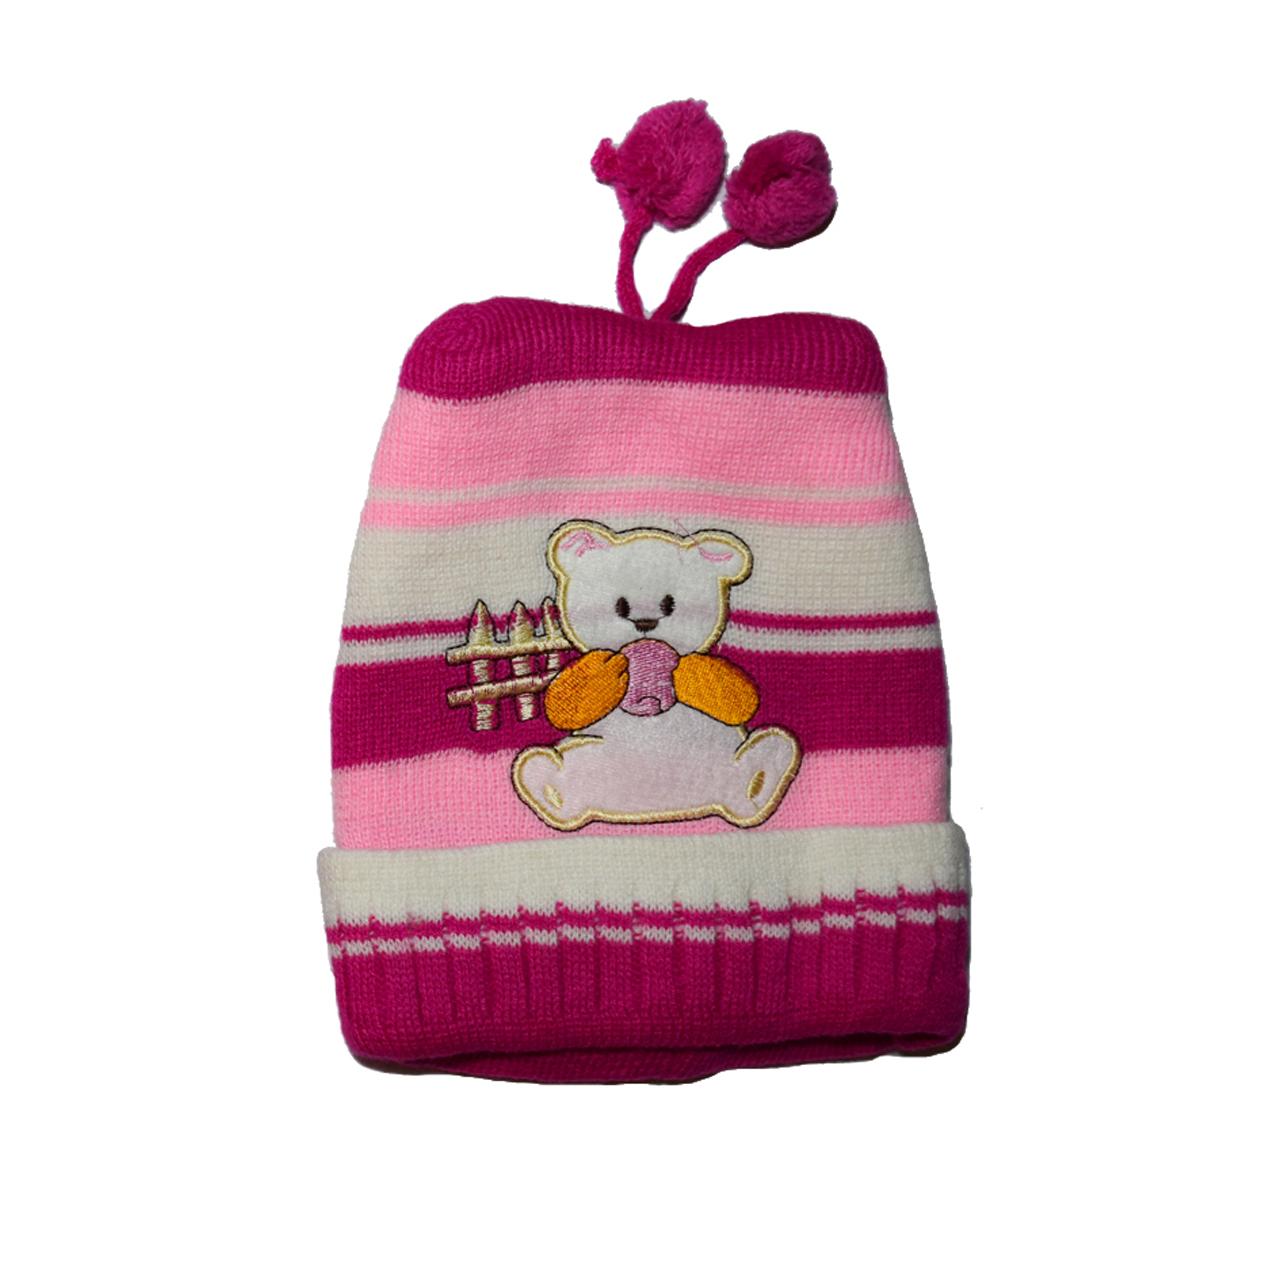 ست کلاه و شال گردن بافتنی دخترانه مدل خرسی کد 1023 -  - 1